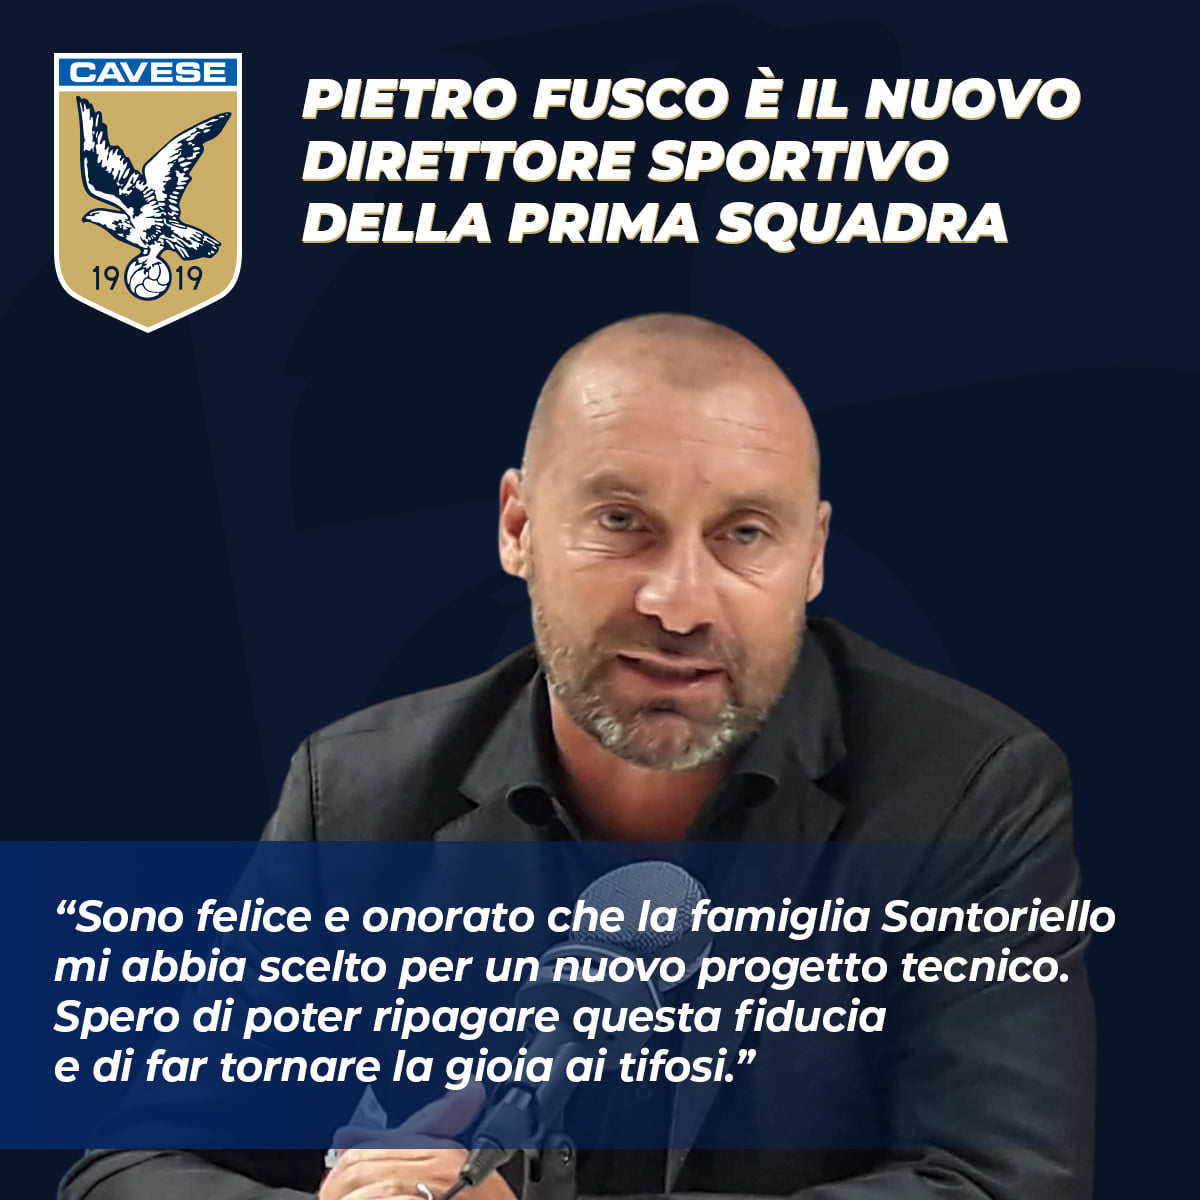 Pietro Fusco sarà il nuovo DS della Cavese 1919